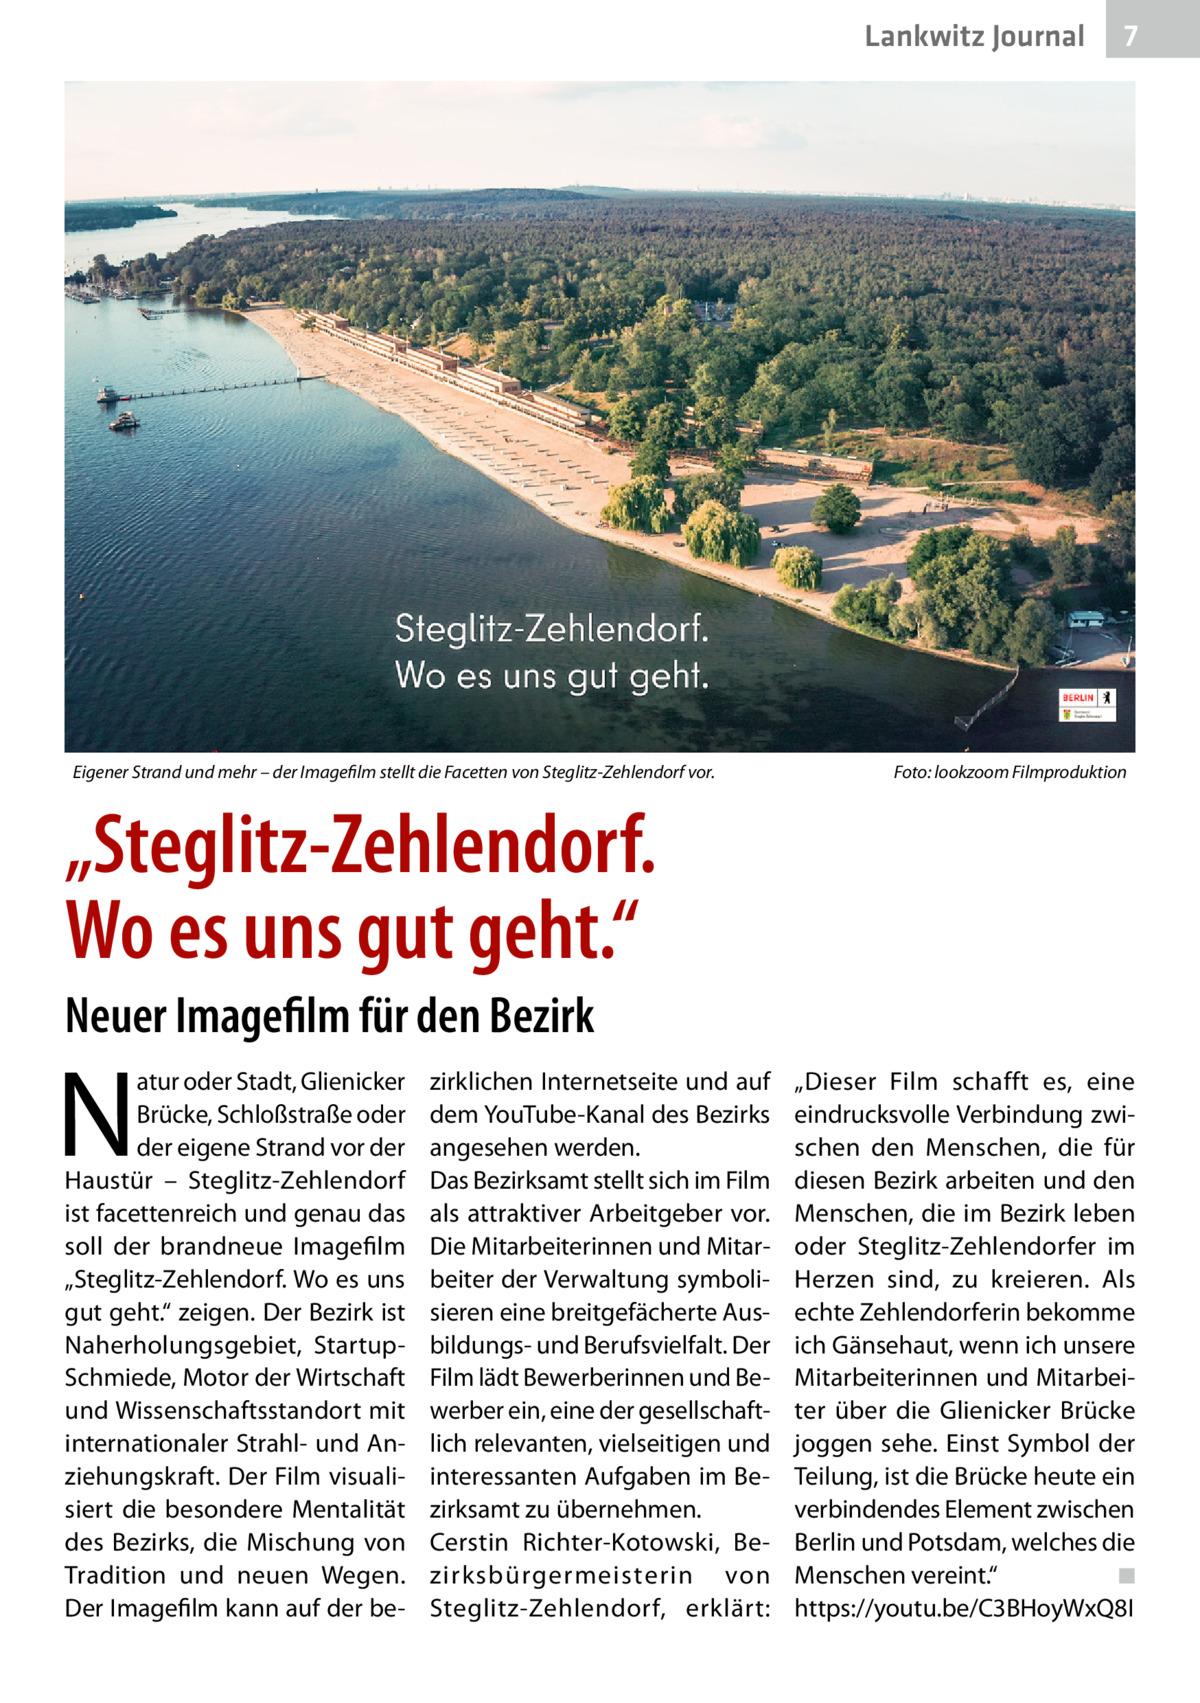 """Lankwitz Journal  Eigener Strand und mehr – der Imagefilm stellt die Facetten von Steglitz-Zehlendorf vor.�  7  Foto: lookzoom Filmproduktion  """"Steglitz-Zehlendorf. Wo es uns gut geht."""" Neuer Imagefilm für den Bezirk  N  atur oder Stadt, Glienicker Brücke, Schloßstraße oder der eigene Strand vor der Haustür – Steglitz-Zehlendorf ist facettenreich und genau das soll der brandneue Imagefilm """"Steglitz-Zehlendorf. Wo es uns gut geht."""" zeigen. Der Bezirk ist Naherholungsgebiet, StartupSchmiede, Motor der Wirtschaft und Wissenschaftsstandort mit internationaler Strahl- und Anziehungskraft. Der Film visualisiert die besondere Mentalität des Bezirks, die Mischung von Tradition und neuen Wegen. Der Imagefilm kann auf der be zirklichen Internetseite und auf dem YouTube-Kanal des Bezirks angesehen werden. Das Bezirksamt stellt sich im Film als attraktiver Arbeitgeber vor. Die Mitarbeiterinnen und Mitarbeiter der Verwaltung symbolisieren eine breitgefächerte Ausbildungs- und Berufsvielfalt. Der Film lädt Bewerberinnen und Bewerber ein, eine der gesellschaftlich relevanten, vielseitigen und interessanten Aufgaben im Bezirksamt zu übernehmen. Cerstin Richter-Kotowski, Bezirksbürgermeisterin von Steglitz-Zehlendorf, erklärt:  """"Dieser Film schafft es, eine eindrucksvolle Verbindung zwischen den Menschen, die für diesen Bezirk arbeiten und den Menschen, die im Bezirk leben oder Steglitz-Zehlendorfer im Herzen sind, zu kreieren. Als echte Zehlendorferin bekomme ich Gänsehaut, wenn ich unsere Mitarbeiterinnen und Mitarbeiter über die Glienicker Brücke joggen sehe. Einst Symbol der Teilung, ist die Brücke heute ein verbindendes Element zwischen Berlin und Potsdam, welches die Menschen vereint.""""� ◾ https://youtu.be/C3BHoyWxQ8I"""